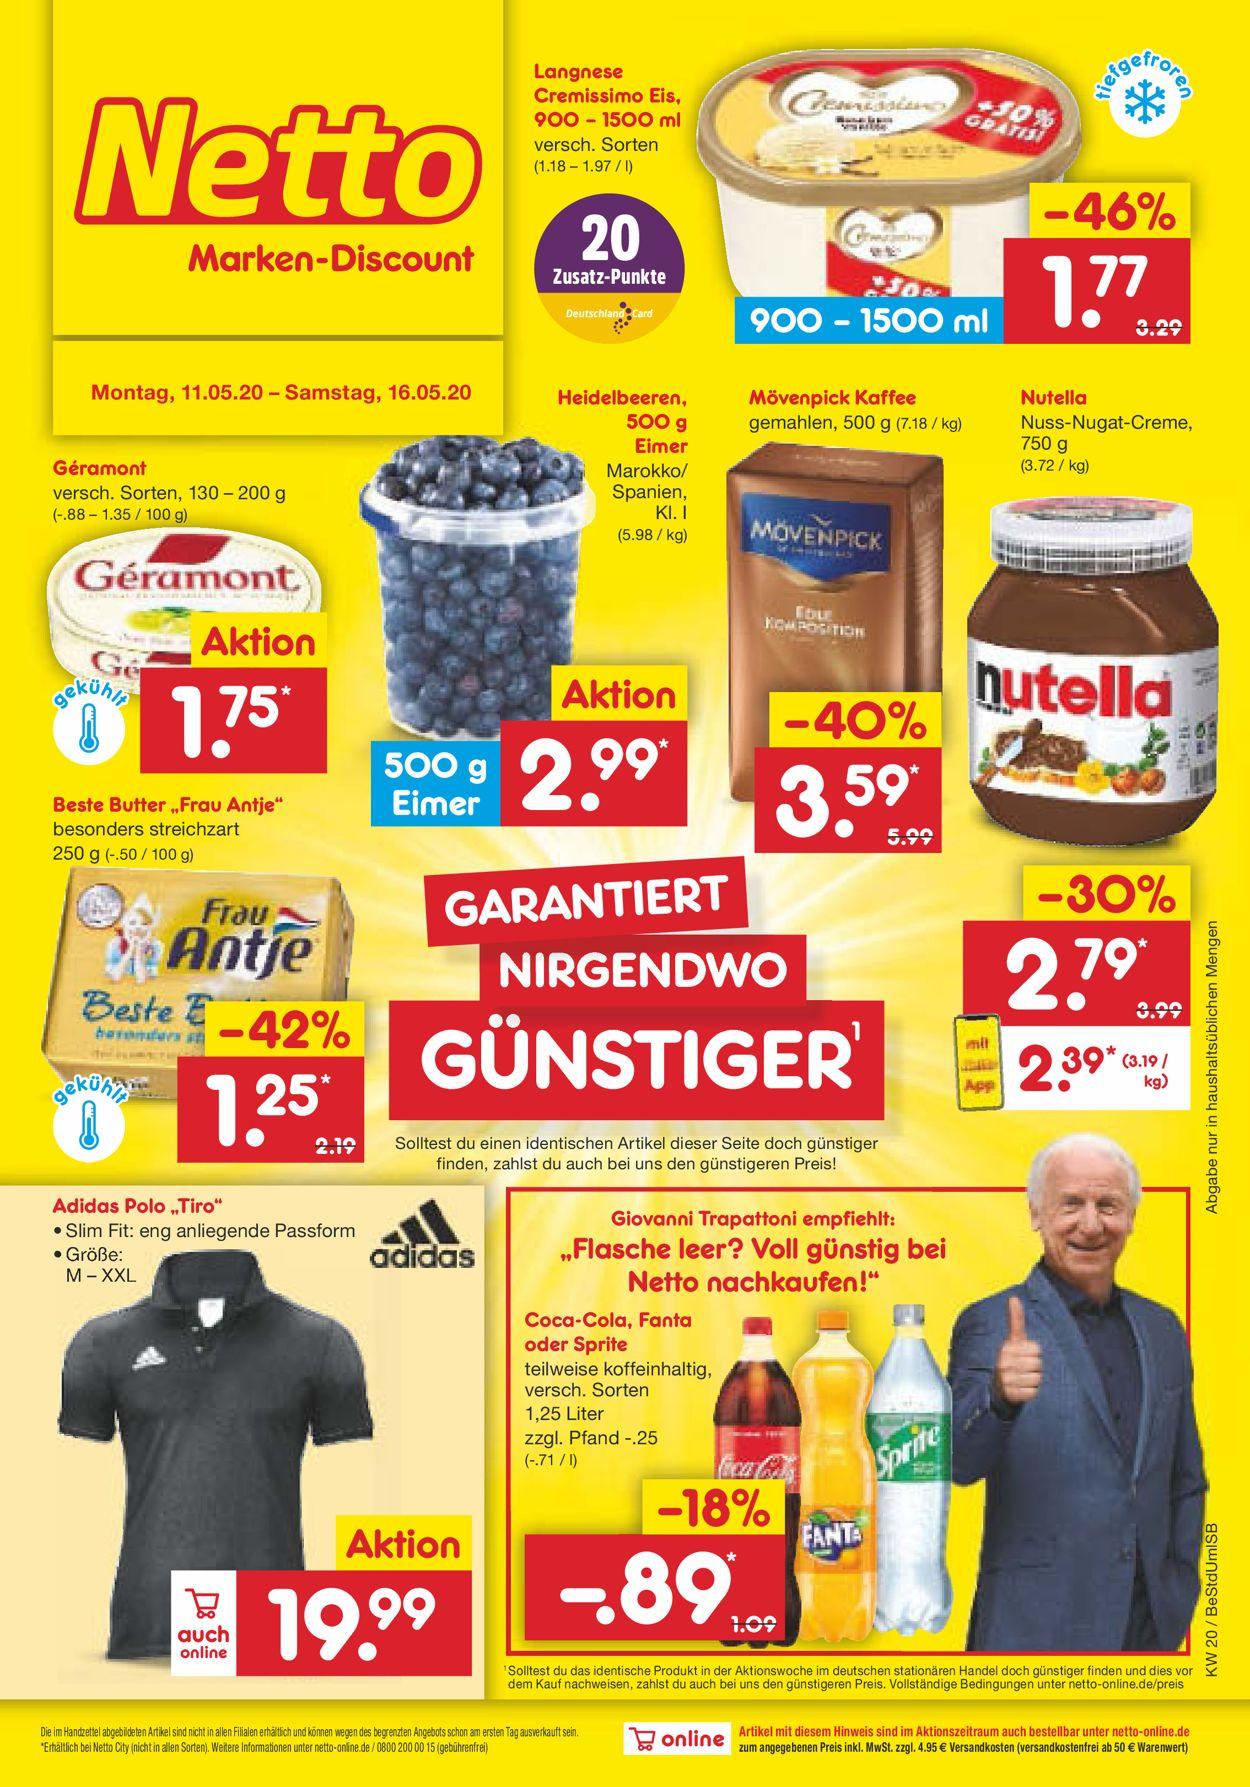 Netto Marken-Discount Prospekt - Aktuell vom 11.05-16.05.2020